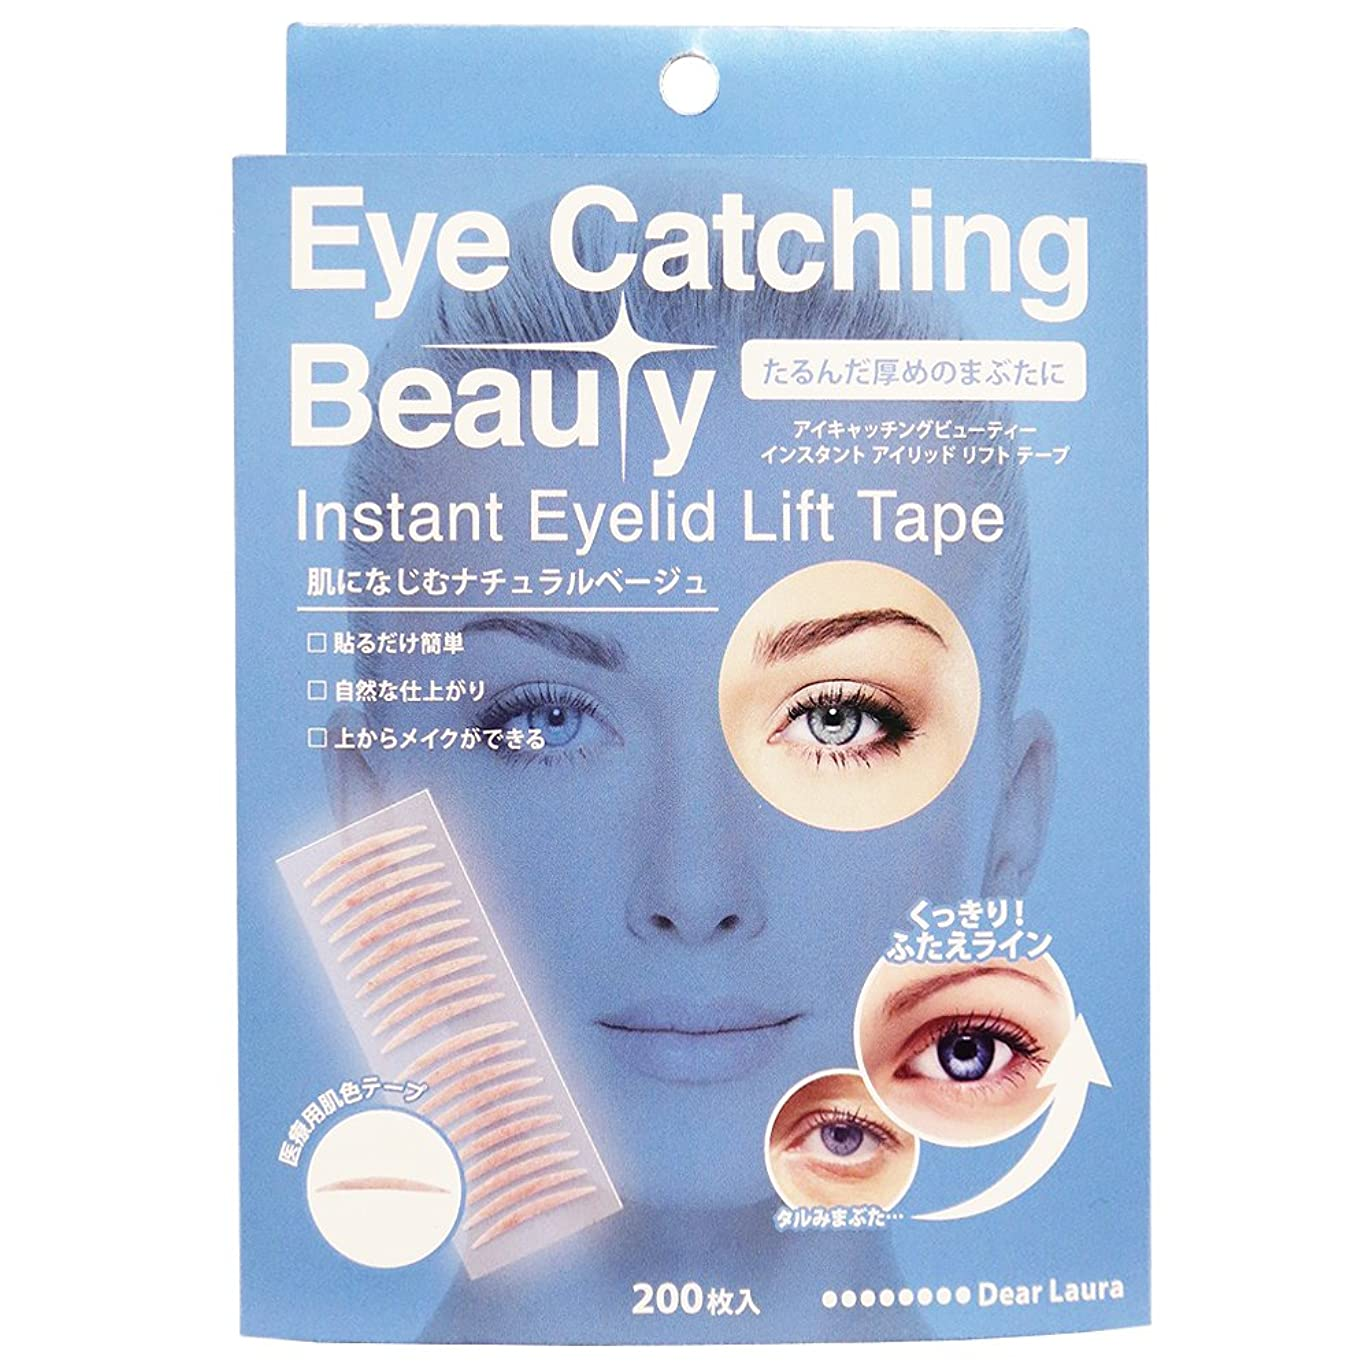 蒸留主張入力アイキャッチングビューティー (Eye Catching Beauty) インスタント アイリッド リフト テープ ECB-J02 200枚